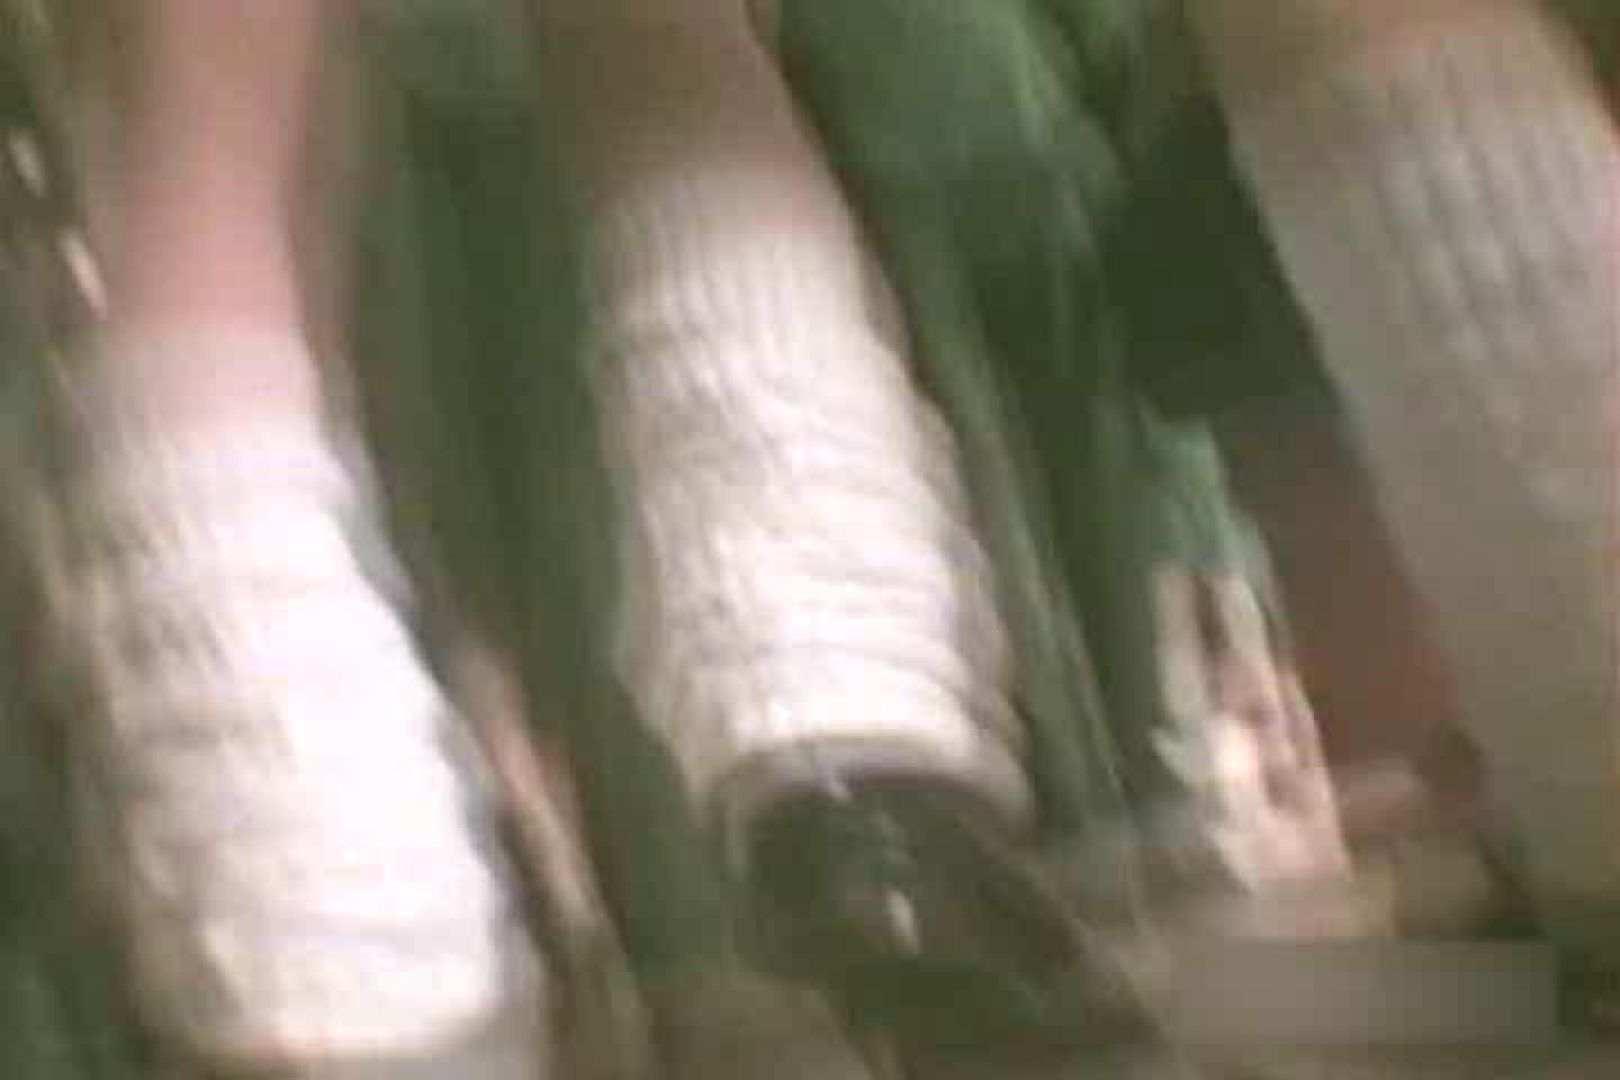 デパートローアングル徘徊 靴カメ盗撮 vol.14 OLヌード天国 | パンチラ  63PIX 21